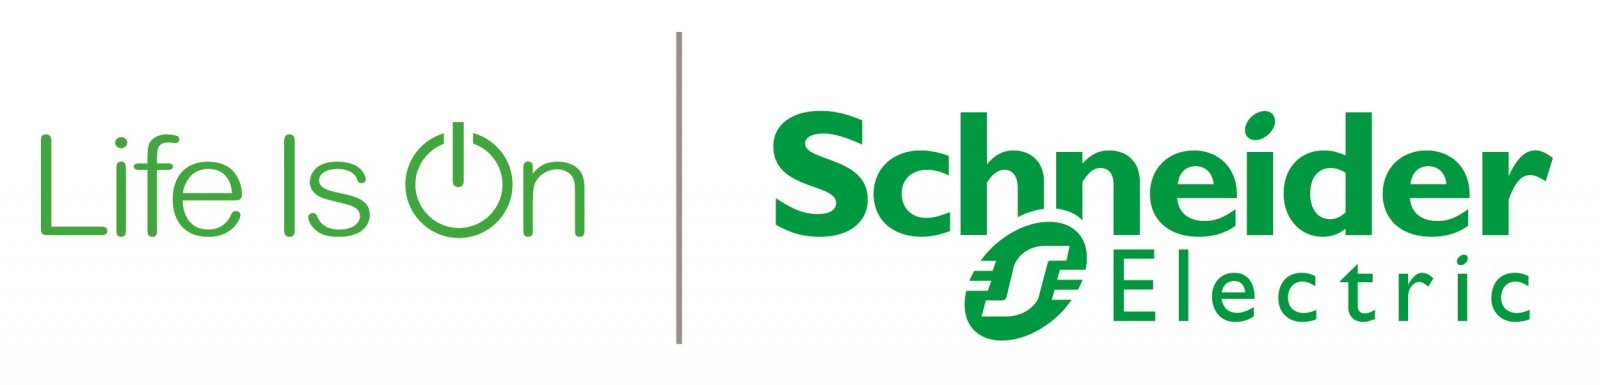 Schneider Electric и АО «РАСУ» подписали меморандум о взаимопонимании и сотрудничестве